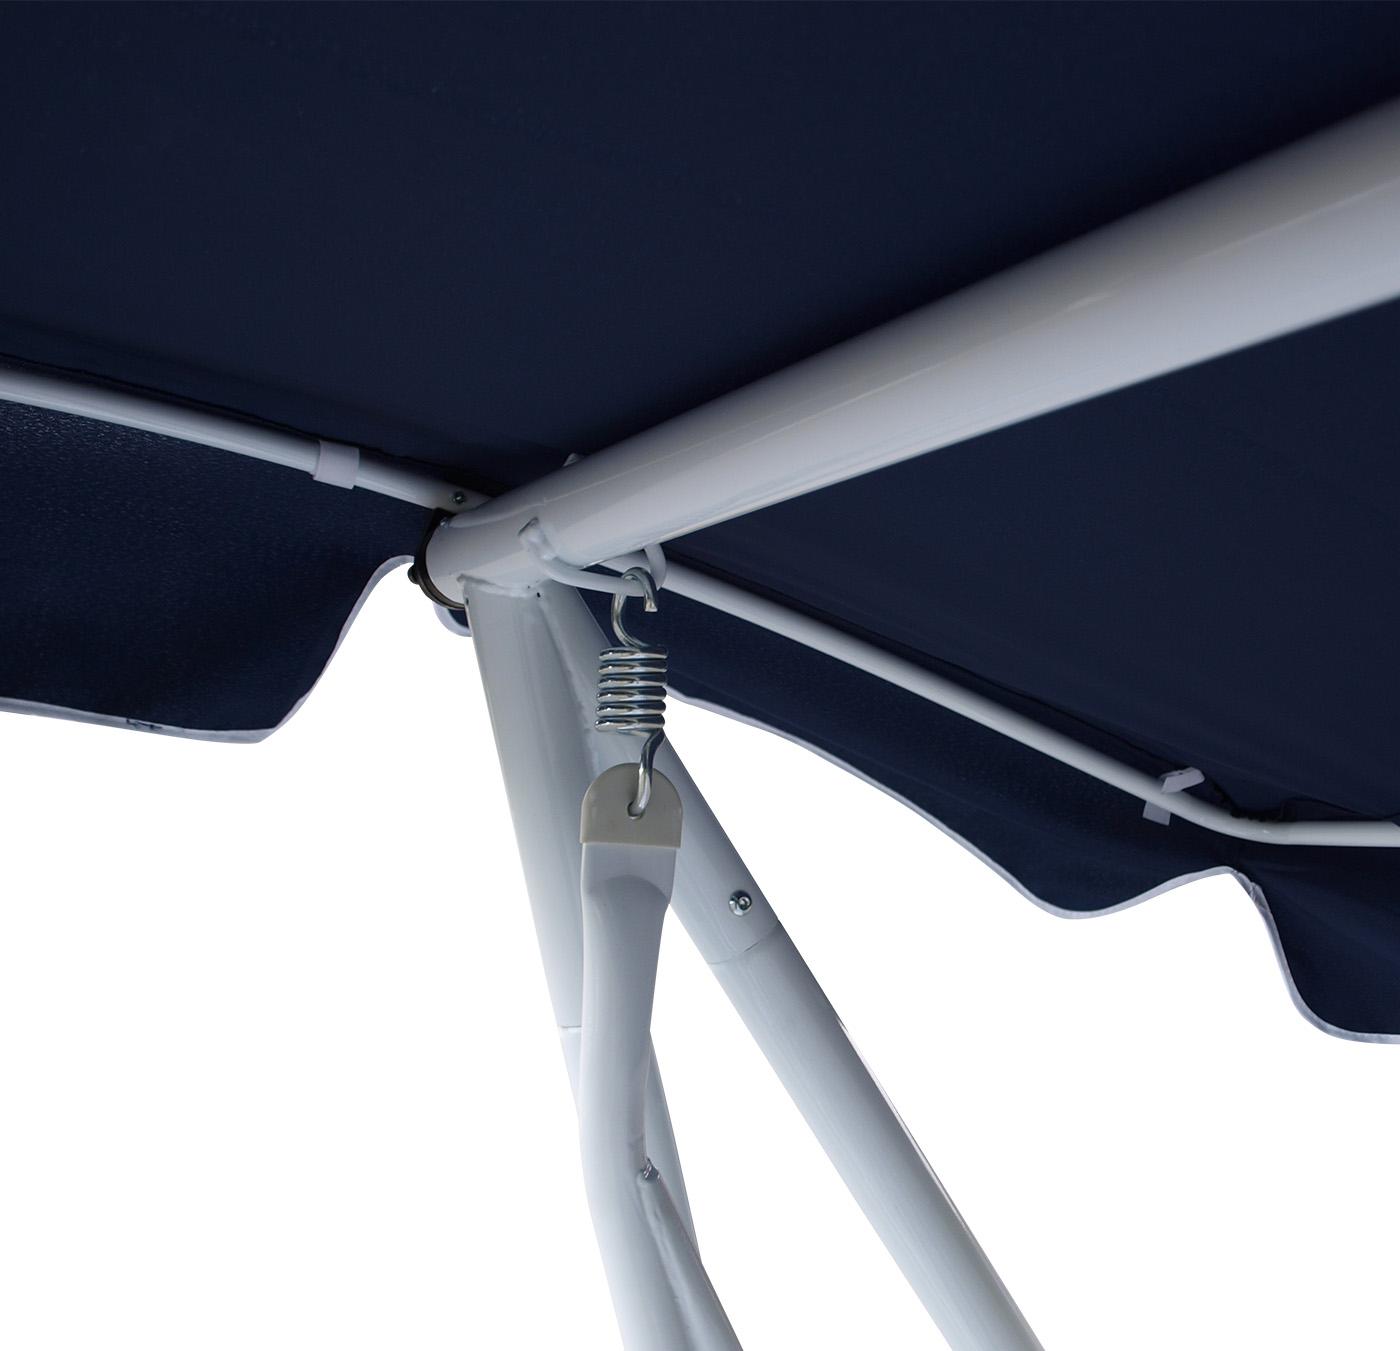 Hollywoodschaukel  MIAMI 4-sitzer, weiss / blau, mit Liegefunktion